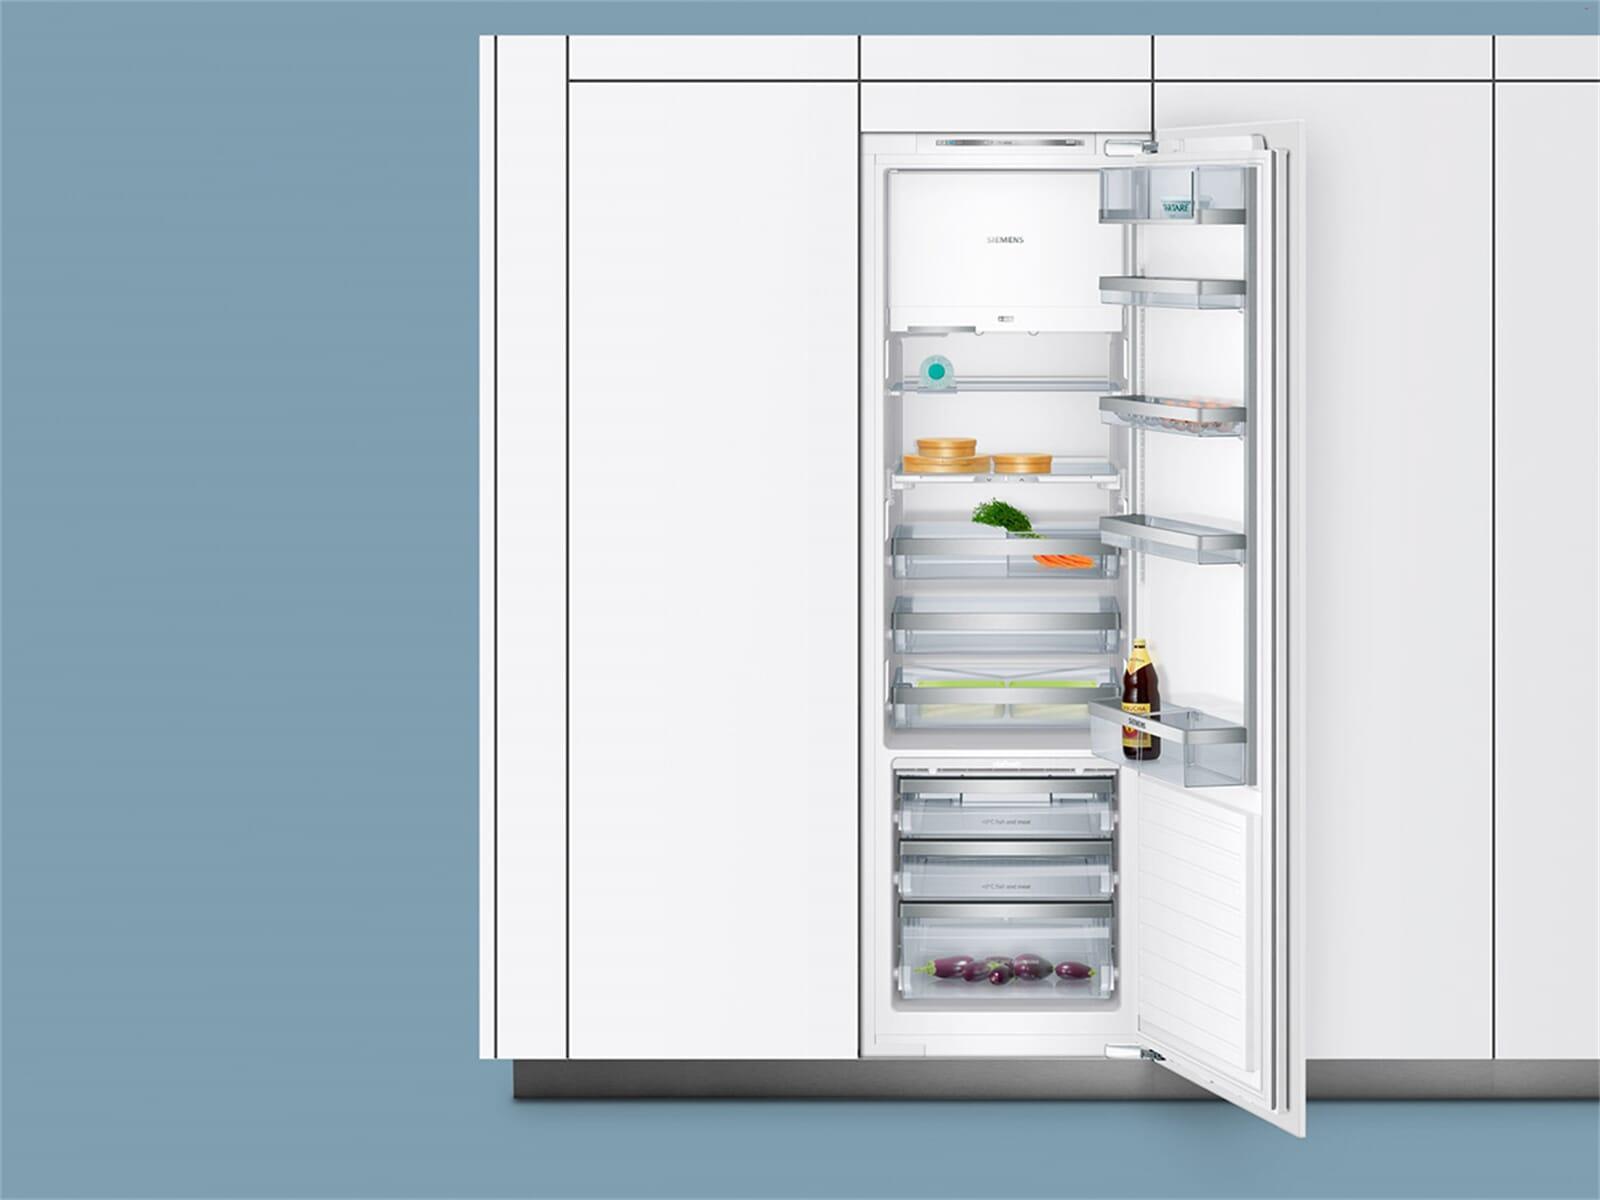 Siemens Kühlschrank Heiß : Siemens ki fp einbaukühlschrank